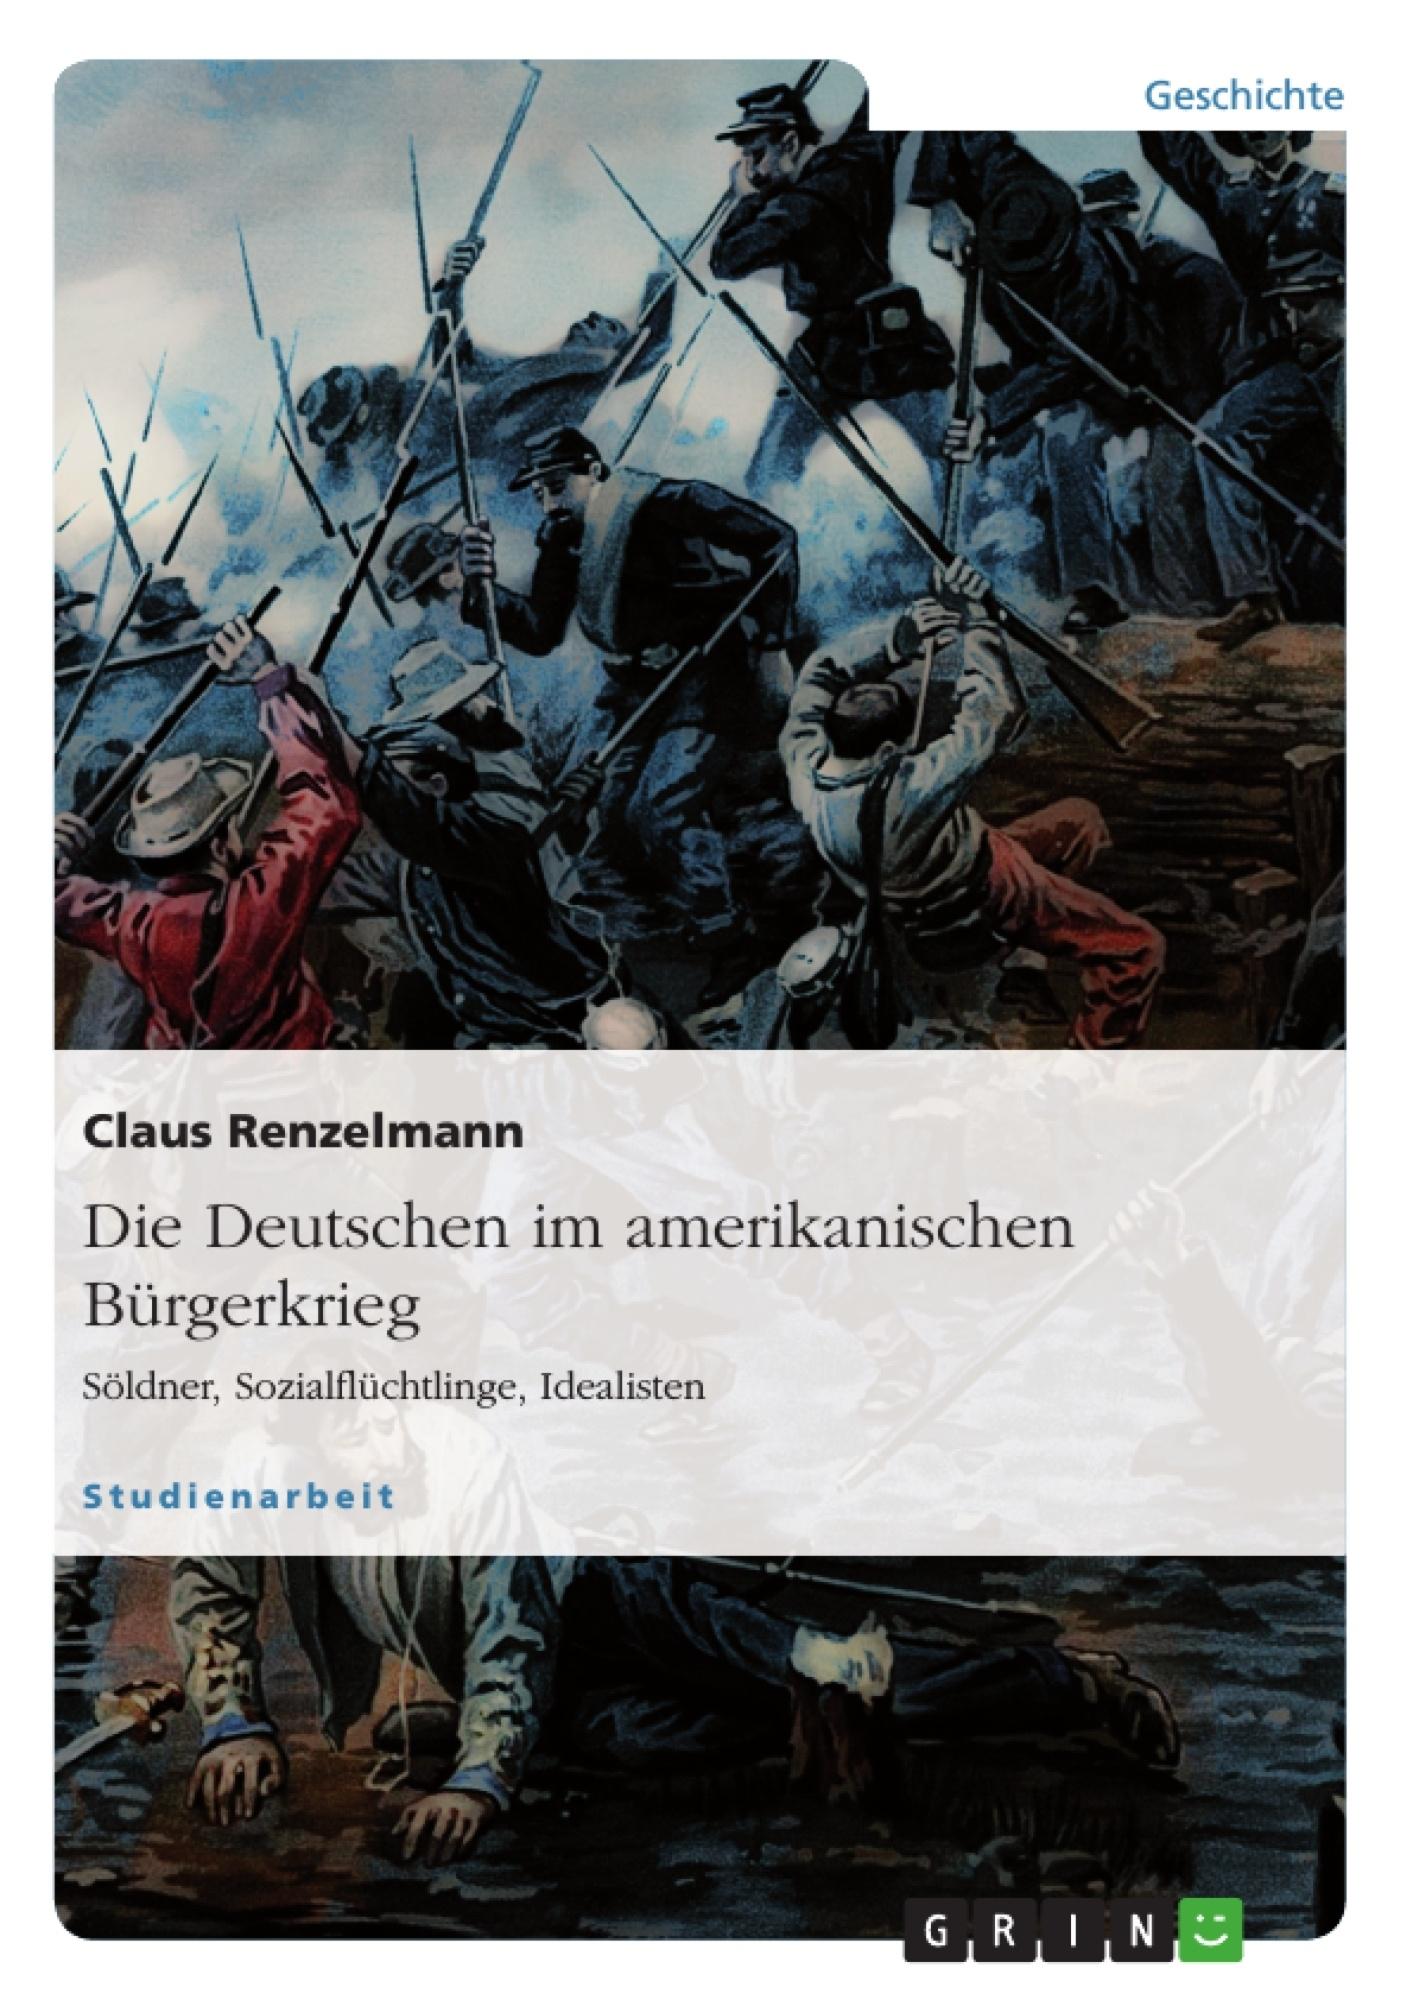 Titel: Die Deutschen im amerikanischen Bürgerkrieg. Söldner, Sozialflüchtlinge, Idealisten